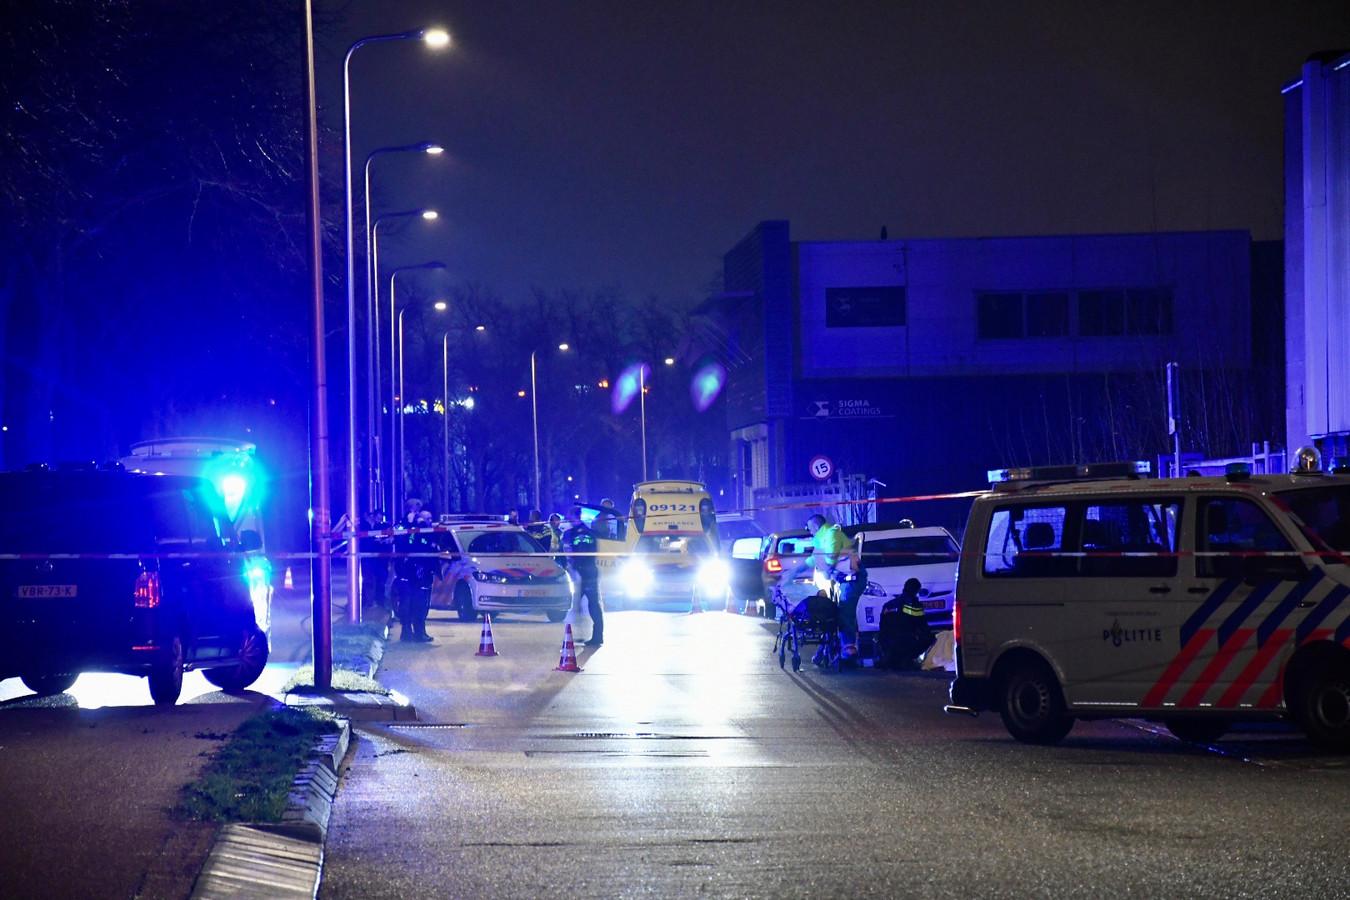 Bij de schietpartij aan de Zeehaenkade in Utrecht werd een traumahelikopter ingevlogen om één van de gewonde broers te verzorgen.